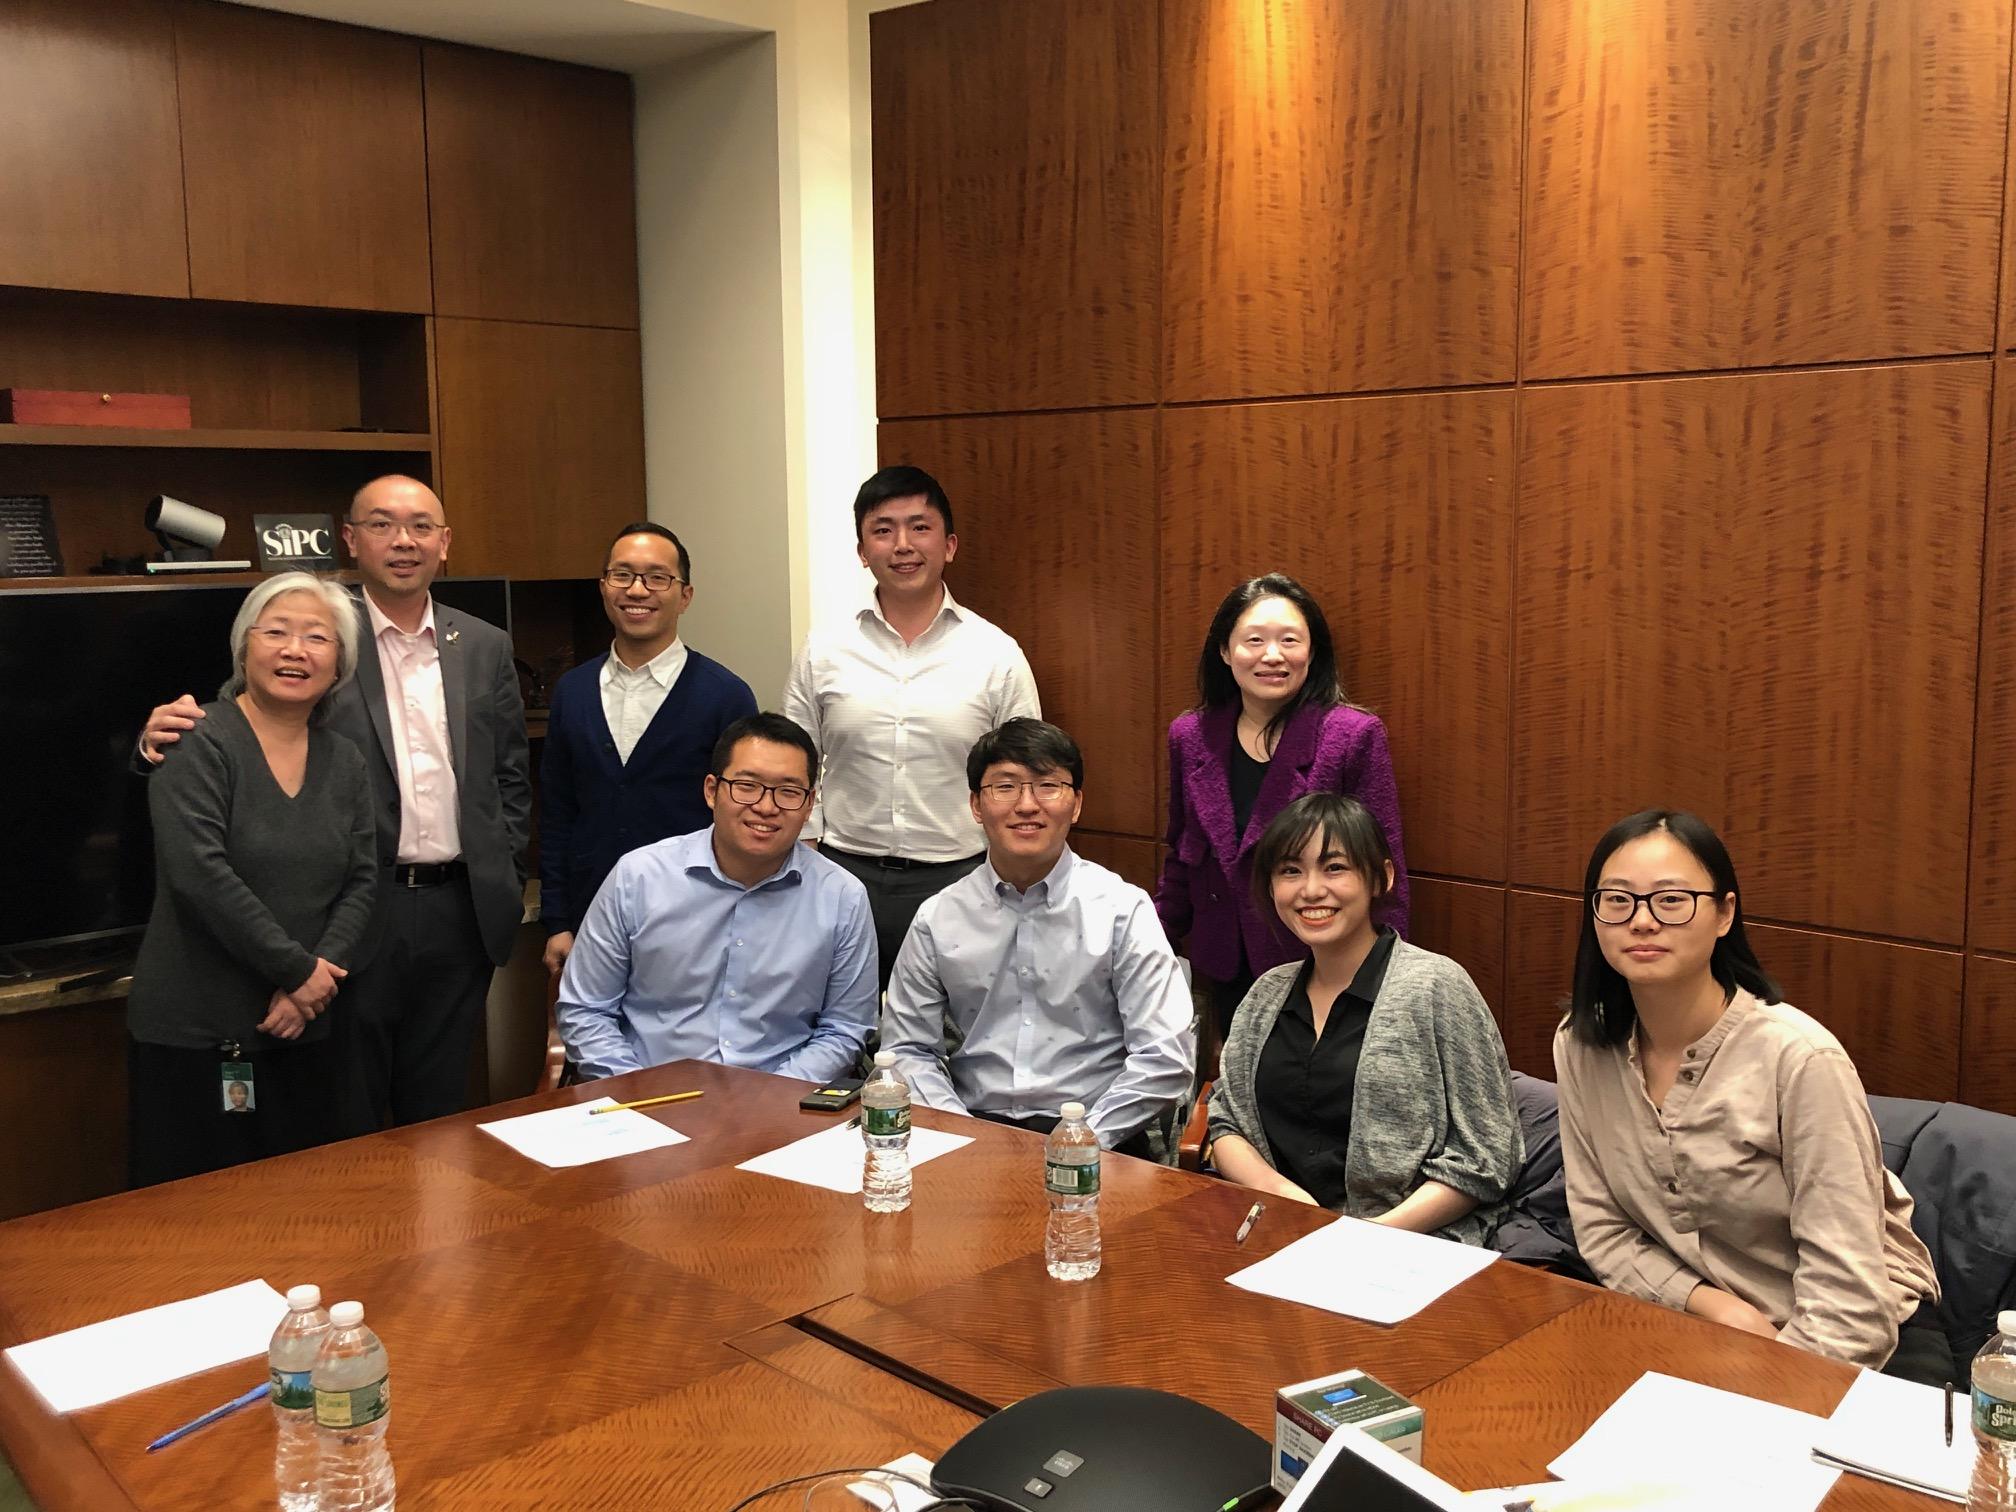 大紐約區華人教育基金會網羅曾獲獎的學生,以自願的方式主動加入輔導團隊,幫助更多人。(陳少明/提供)